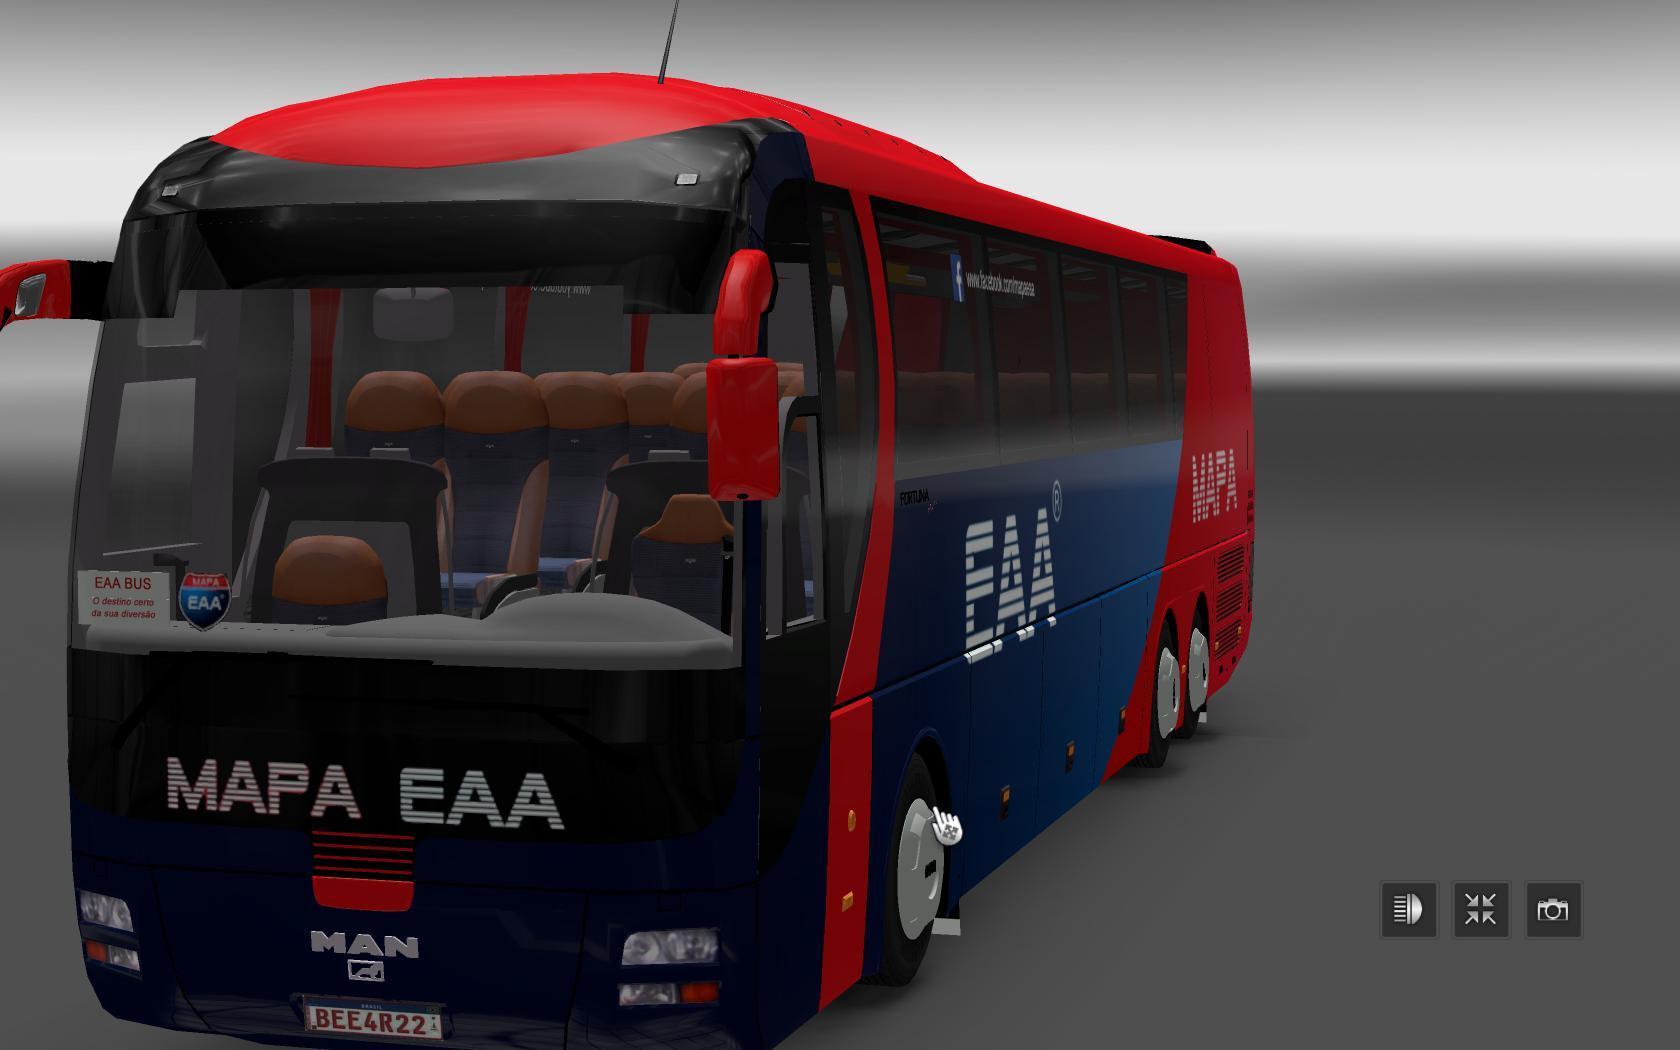 mapa-eaa-bus-v1-9_7